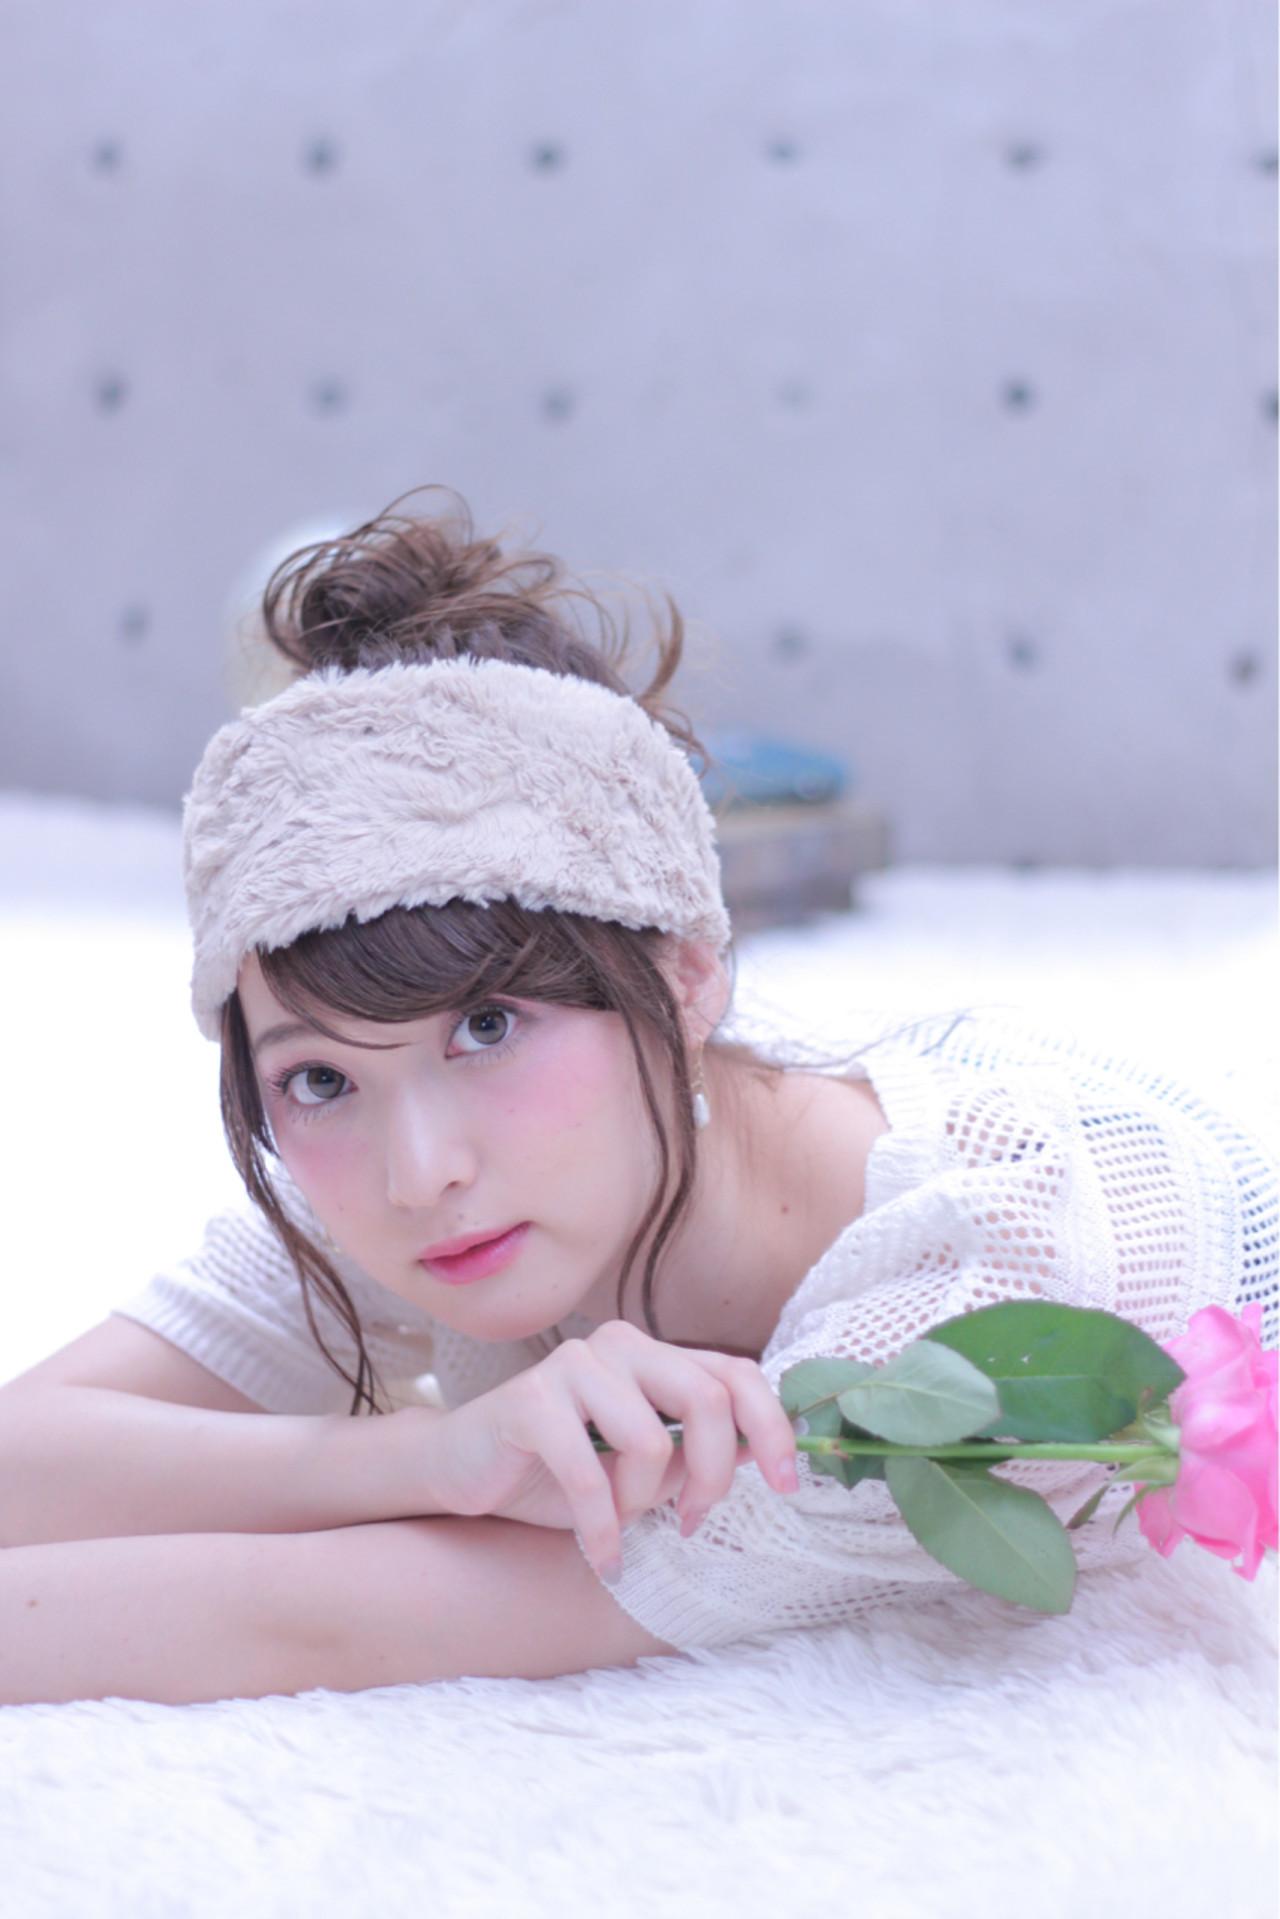 超簡単!オシャレでかわいい♡ヘアバンドを使ったアレンジスタイル Wataru Maeda